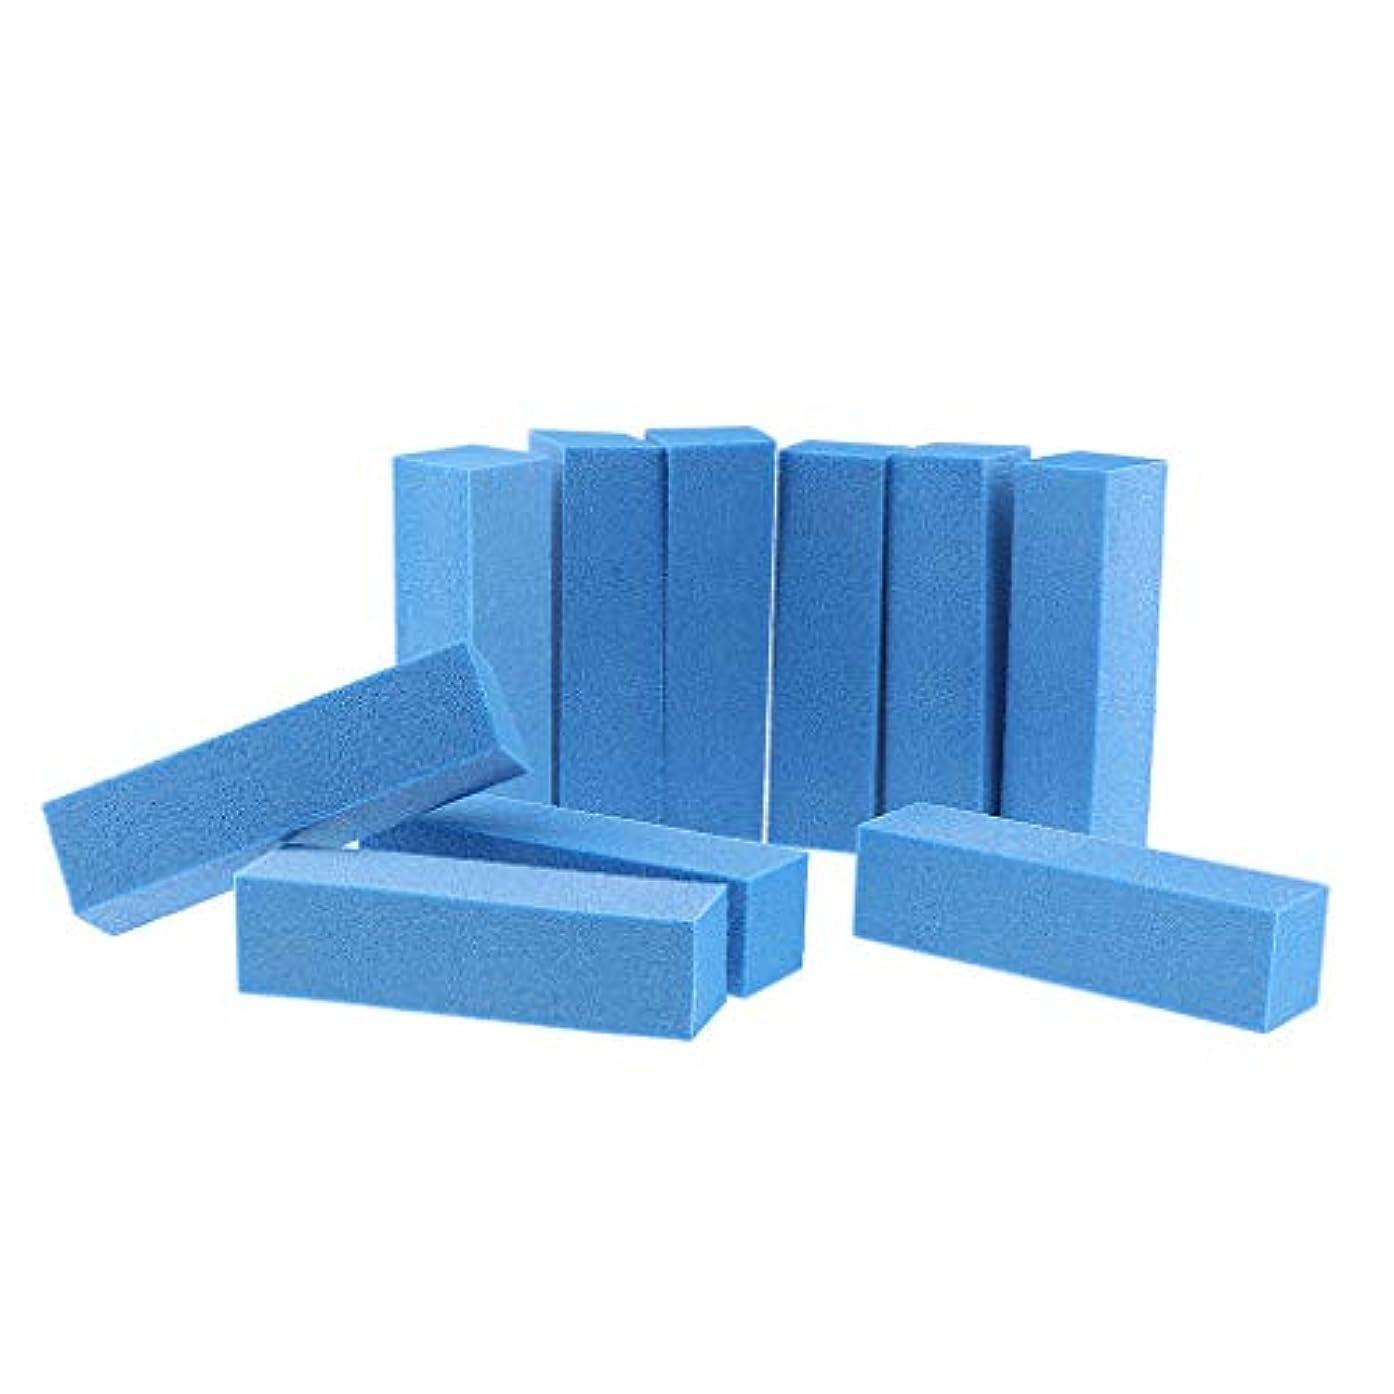 シルク応じるストライク10PCSネイルアートケアバッファーバフ研磨サンディングブロックファイルグリットアクリルマニキュアツール-プロフェッショナルサロン使用または家庭用 - 青